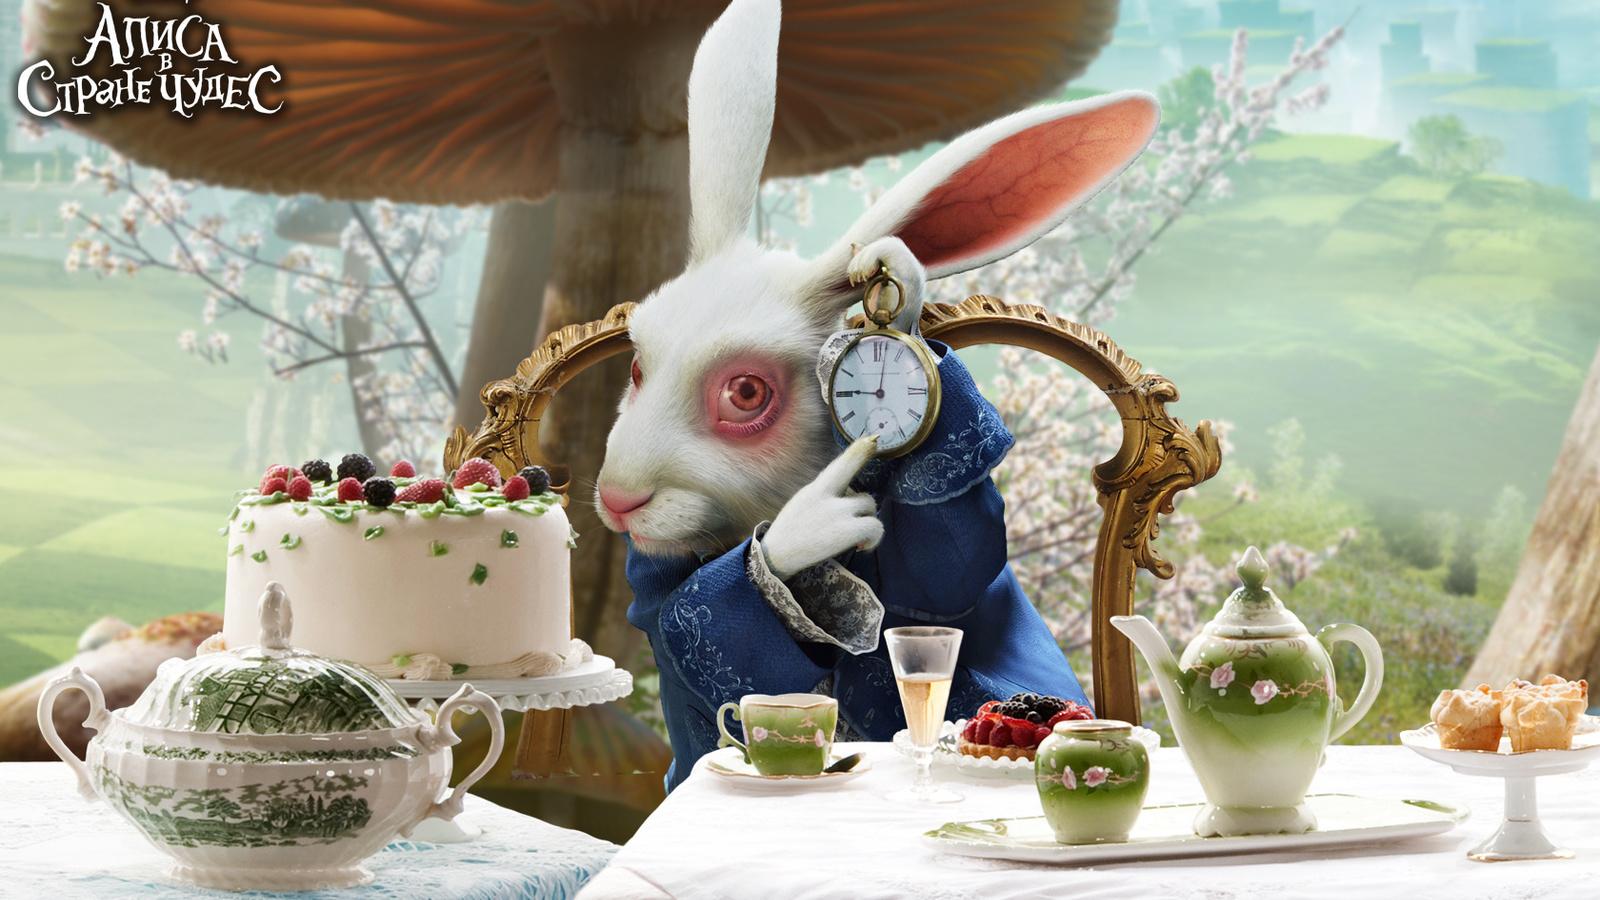 алиса в стране чудес, чаепитие, застолье, кролик, карманные часы, время тикает